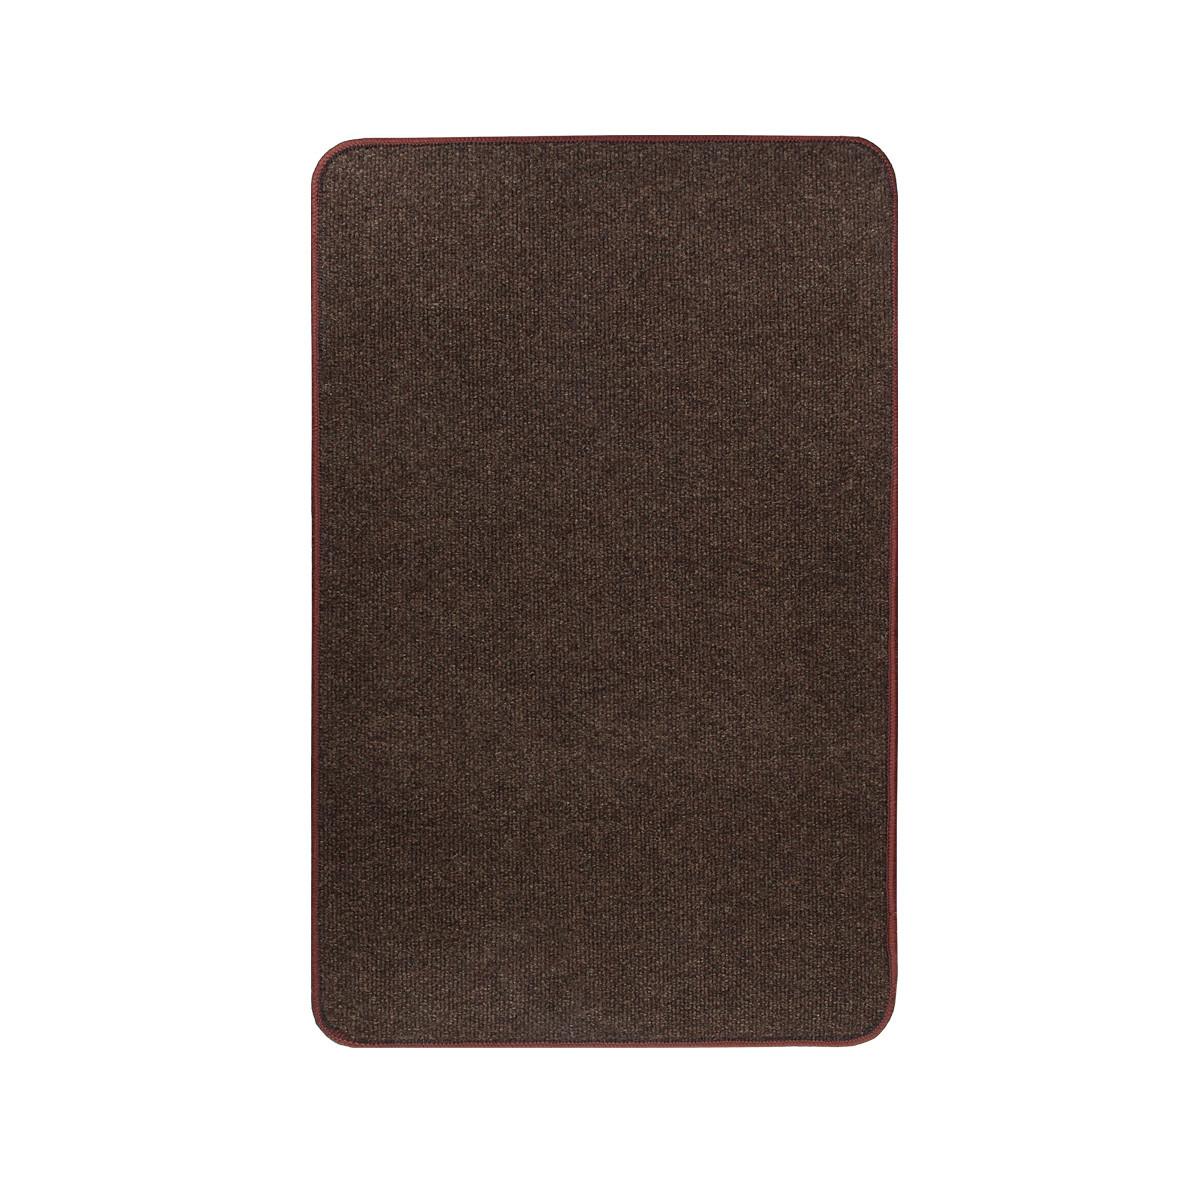 Электрический коврик с подогревом Теплик двусторонний 50 х 80 см Темно-коричневый